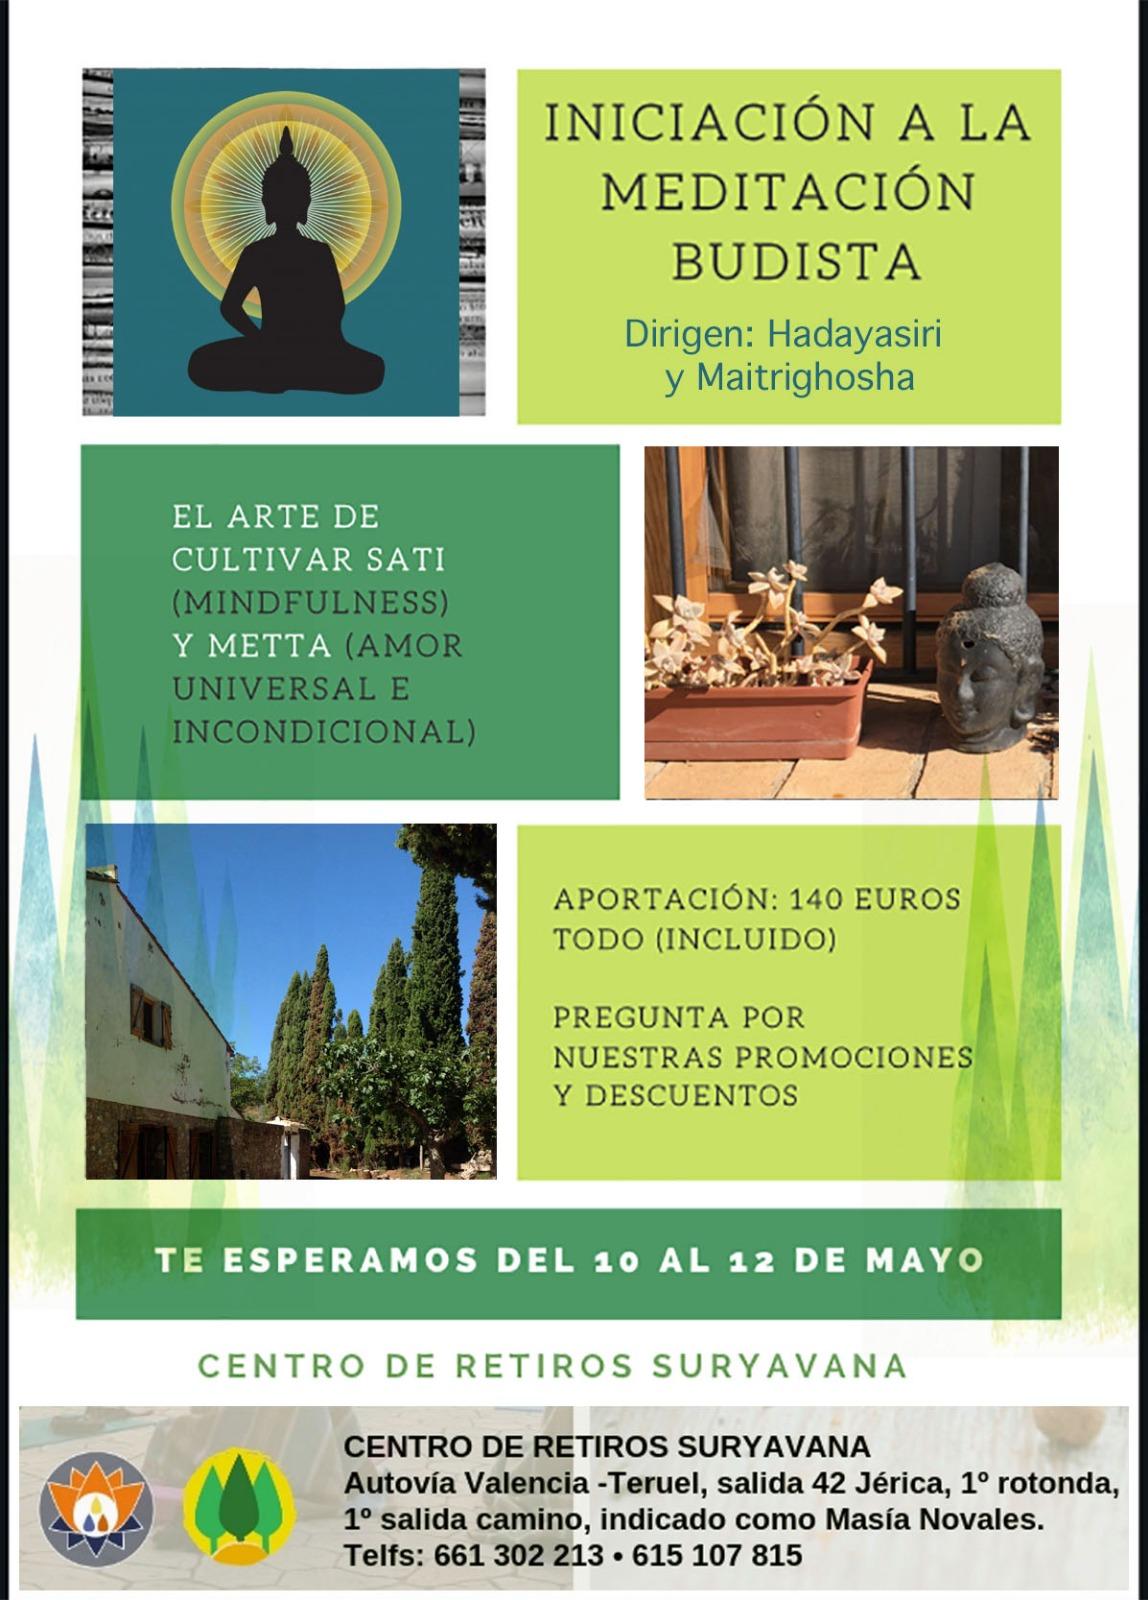 Iniciación a la Meditación Budista